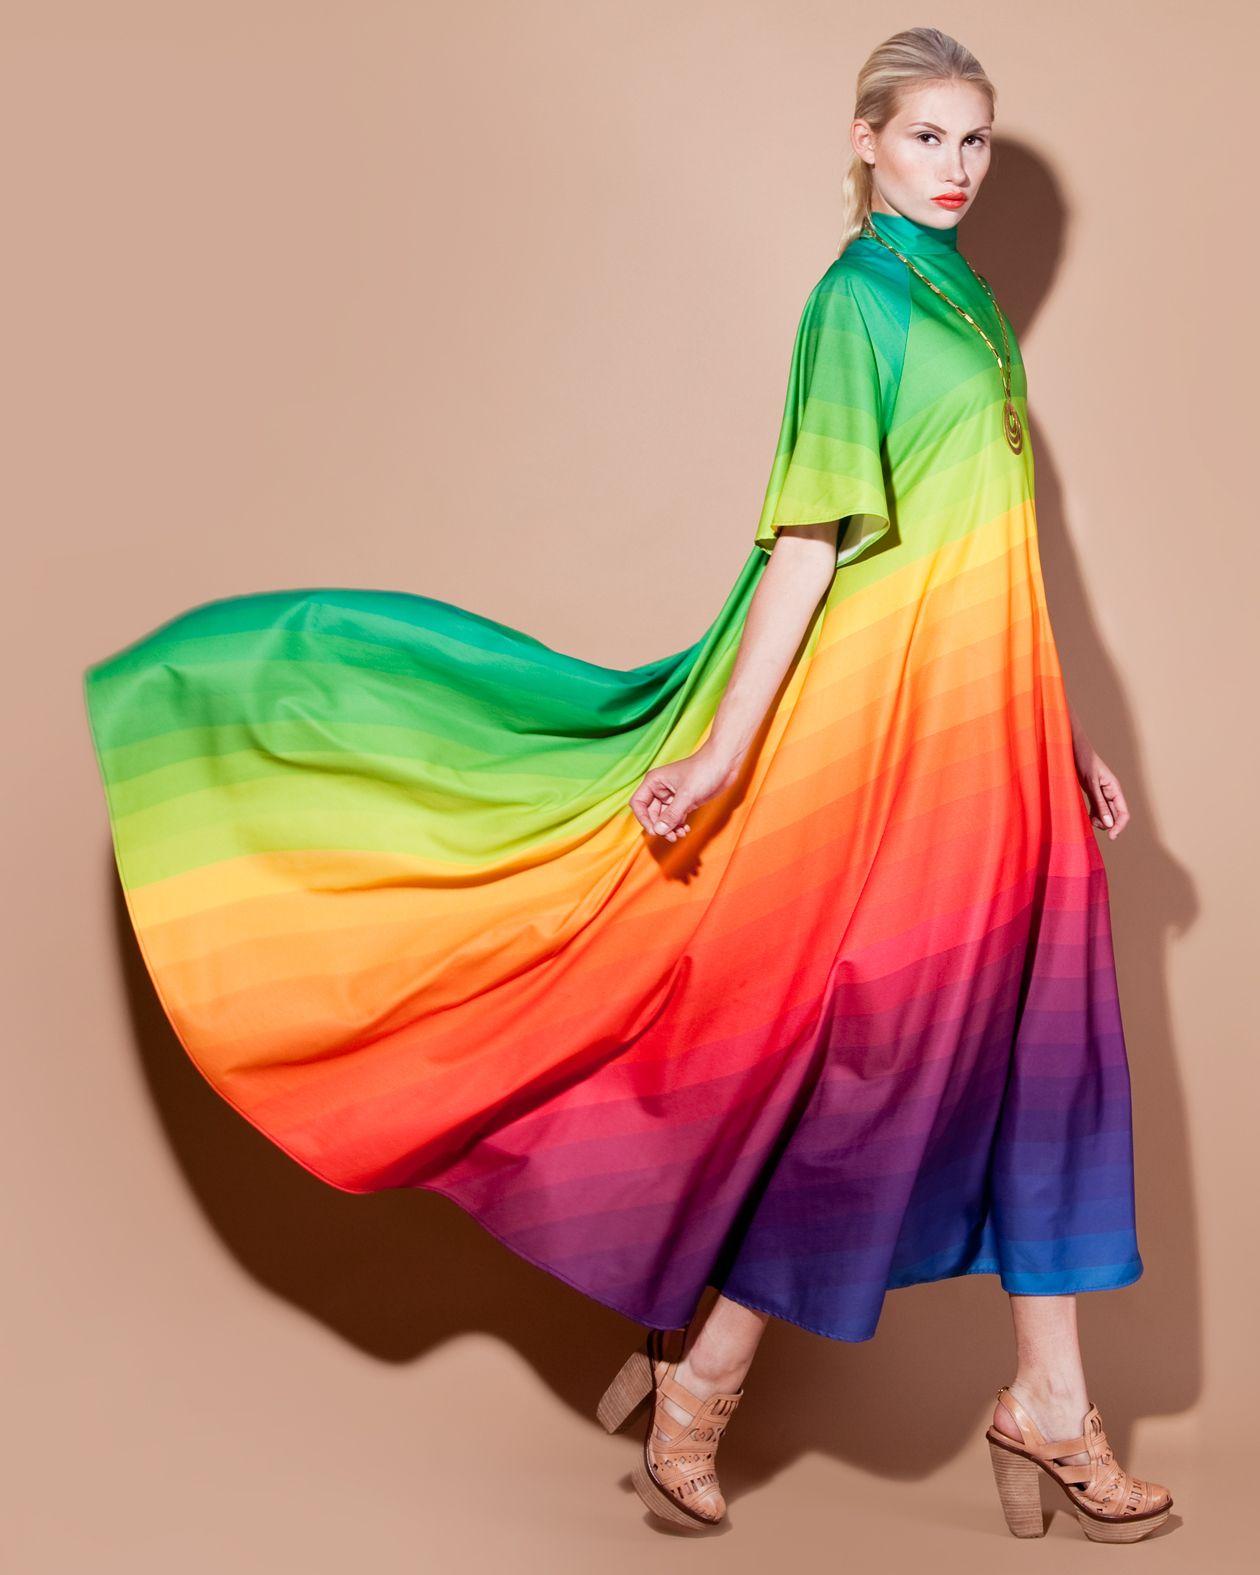 Rainbow Dress Rainbow Outfit Rainbow Dress Rainbow Fashion